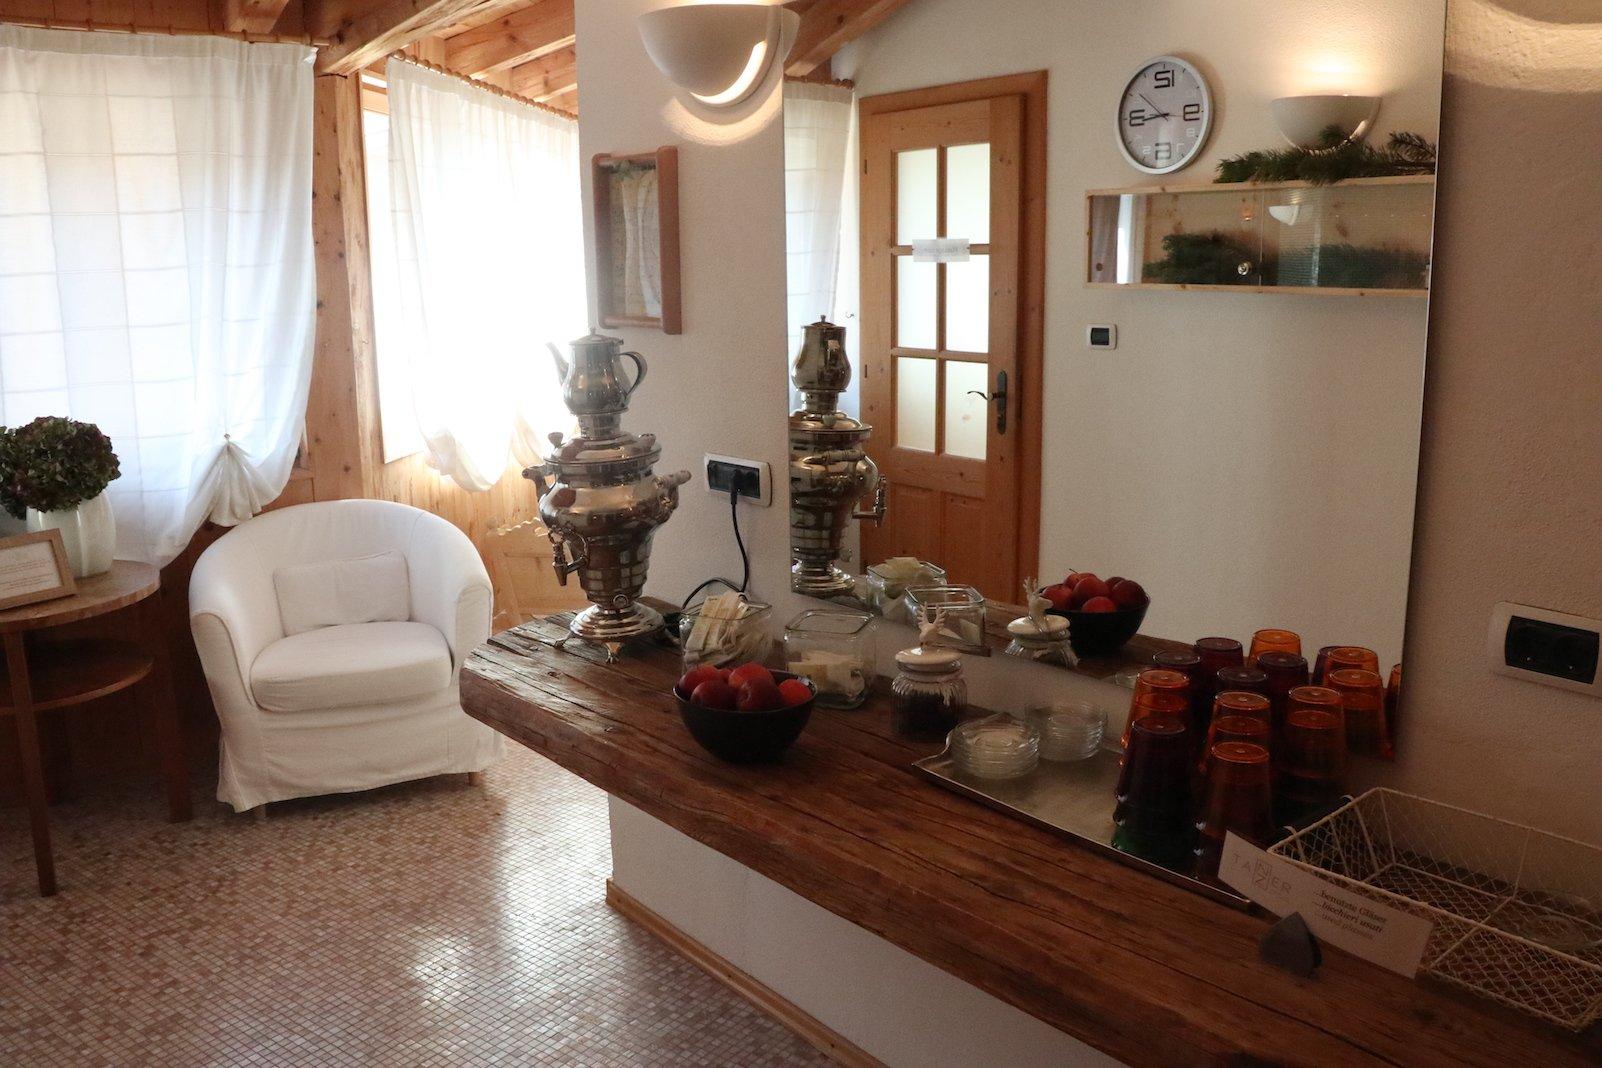 Der erste Blick in den Spabereich des Hotels Tanzer - Sessel zum Warten auf die Anwendungen Wasser und Tee,